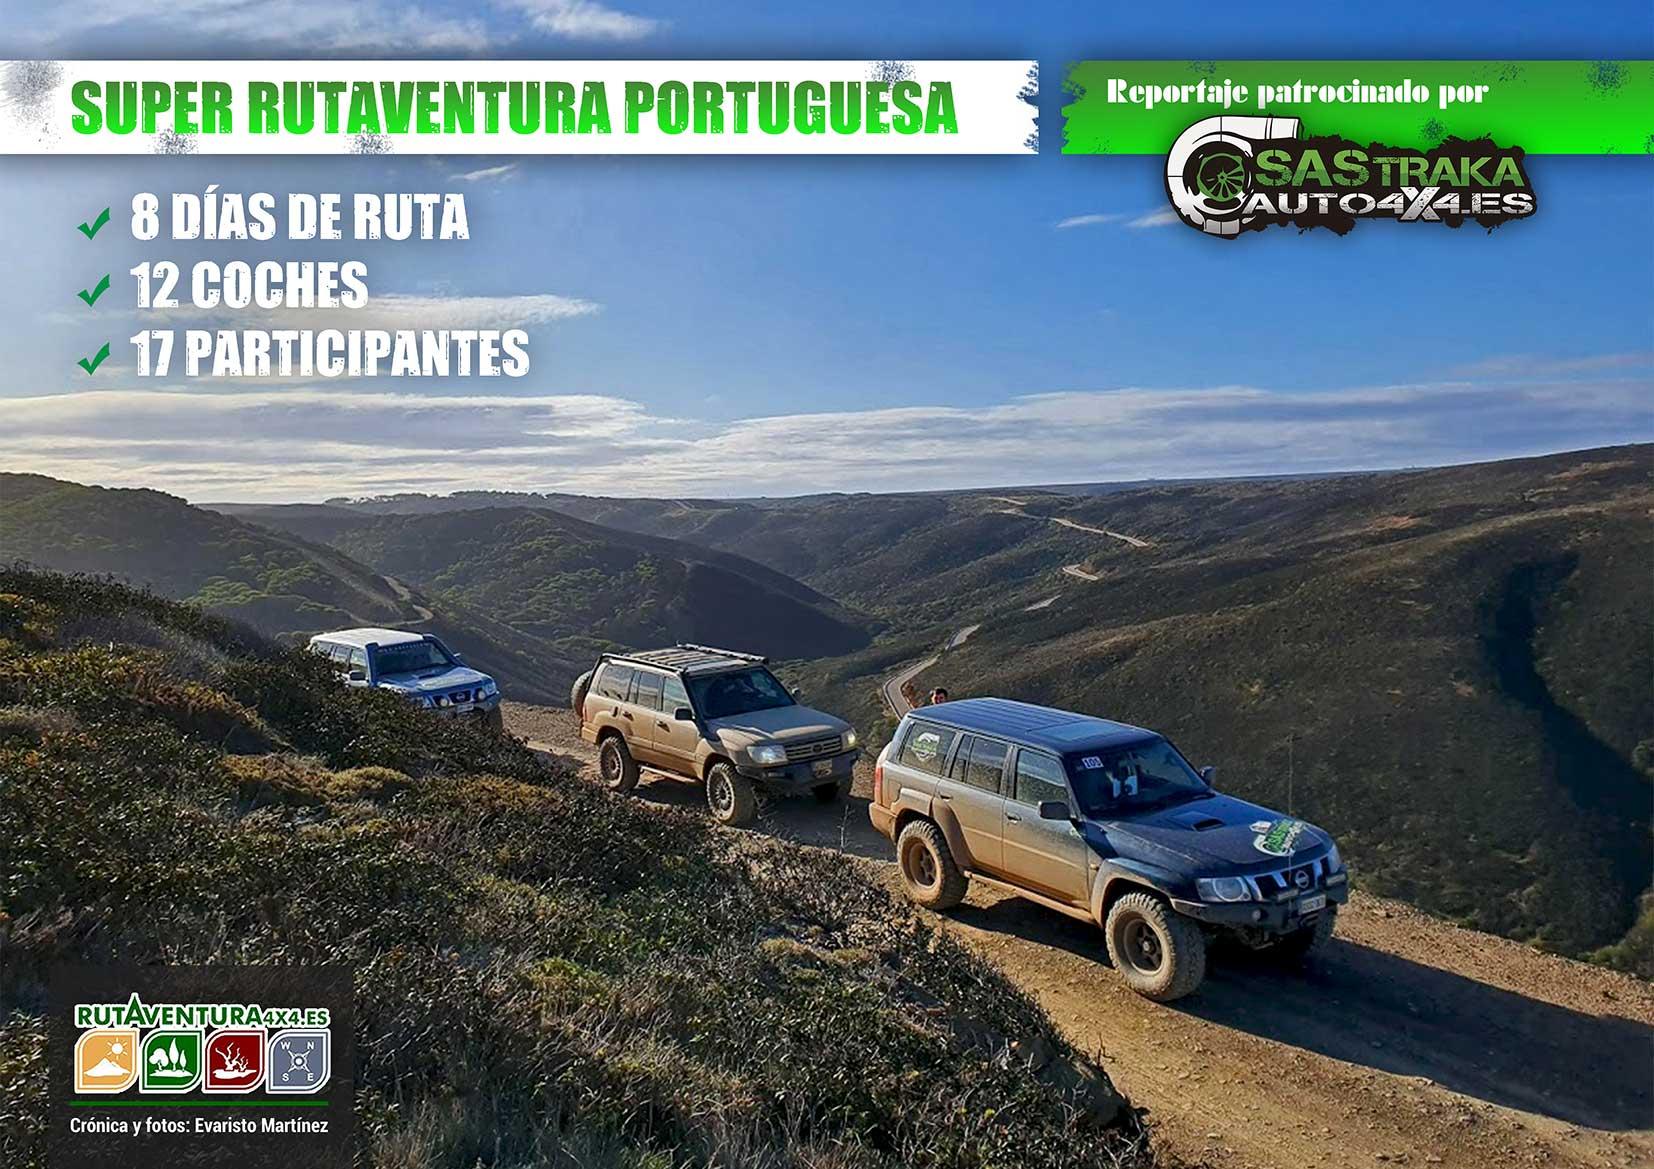 RUTAVENTURA PORTUGUESA